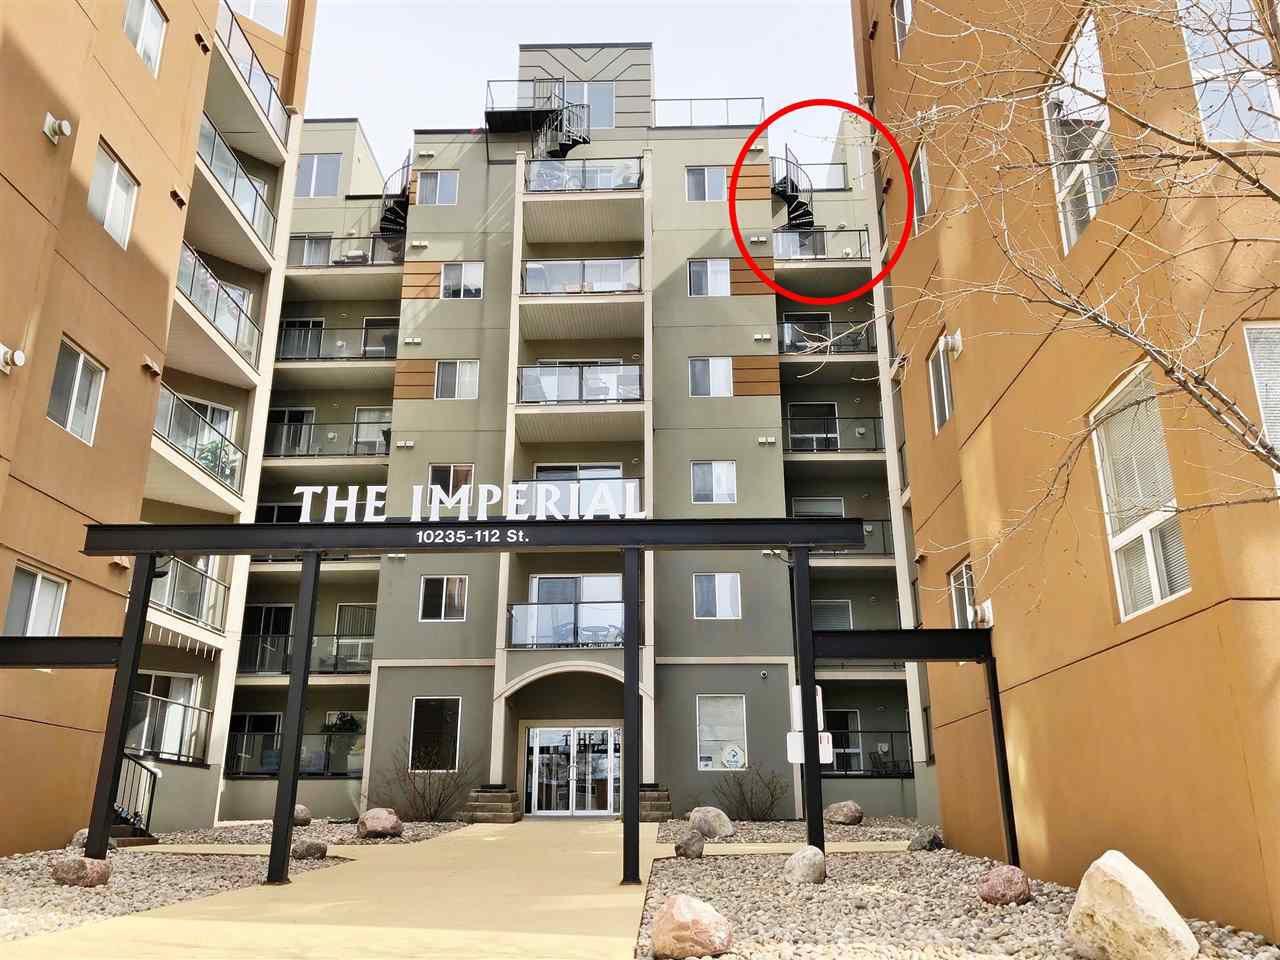 Main Photo: 618 10235 112 Street in Edmonton: Zone 12 Condo for sale : MLS®# E4149814